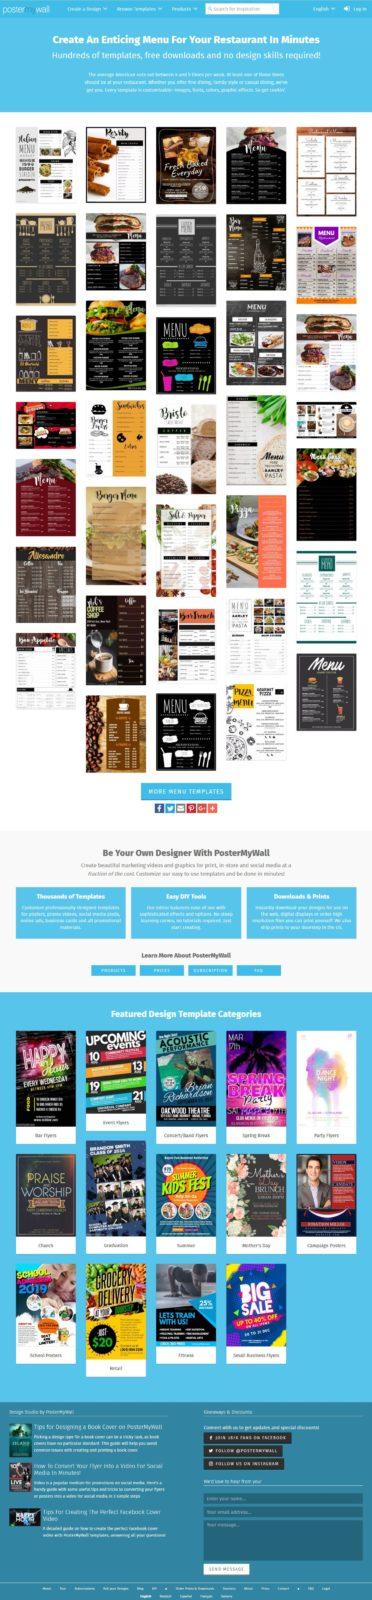 Плакаты, видео и графика для вашего бизнеса